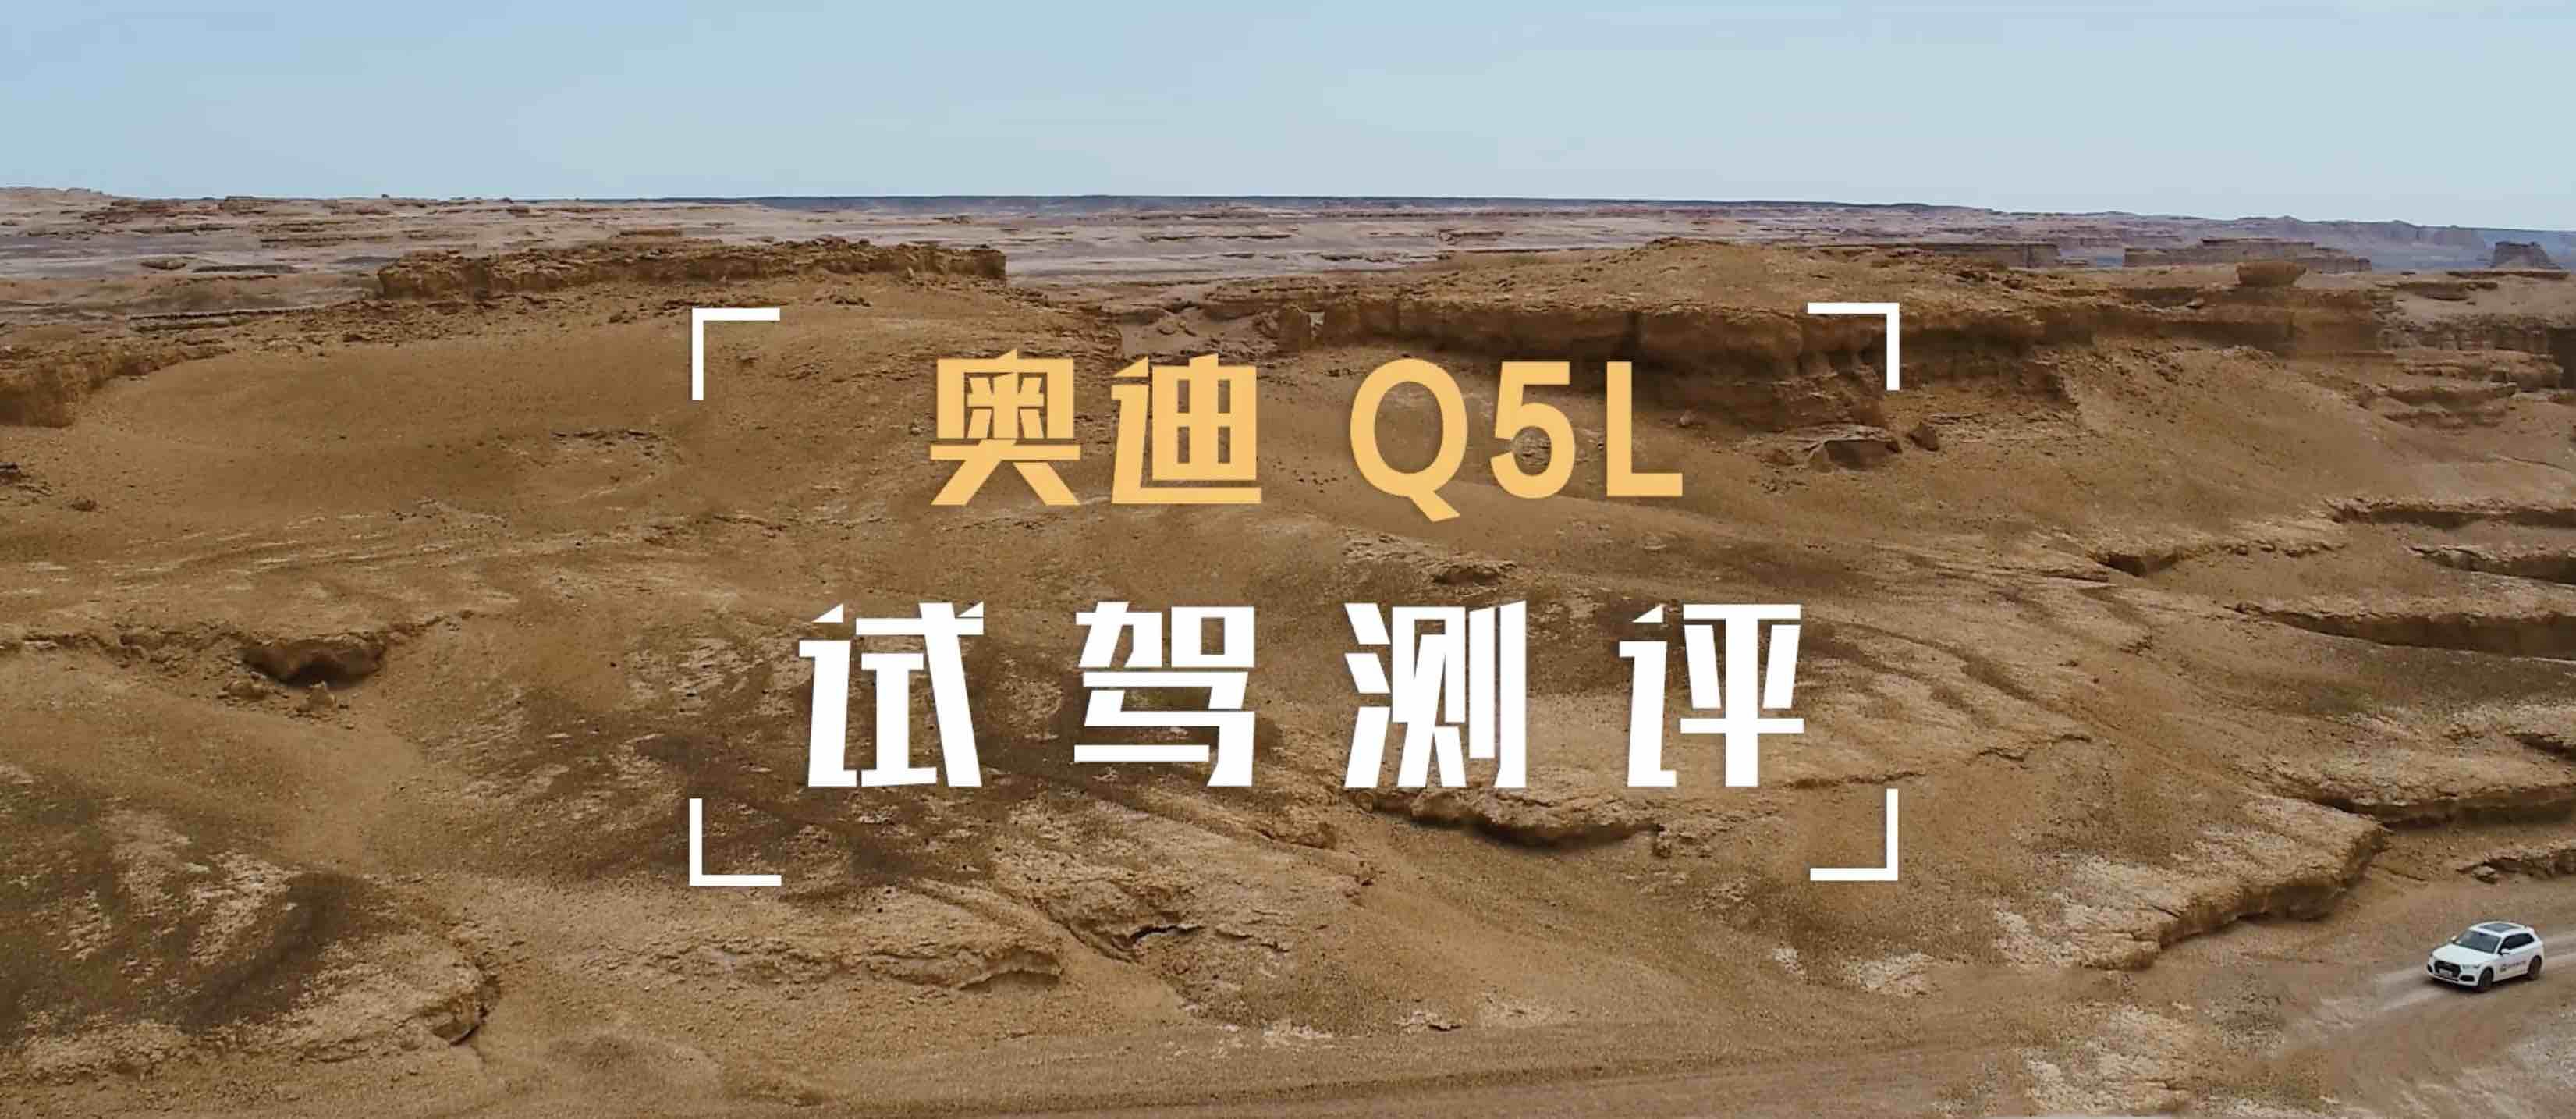 实测奥迪Q5L穿越新疆无人区:全时四驱变智能四驱,升级还是降级?